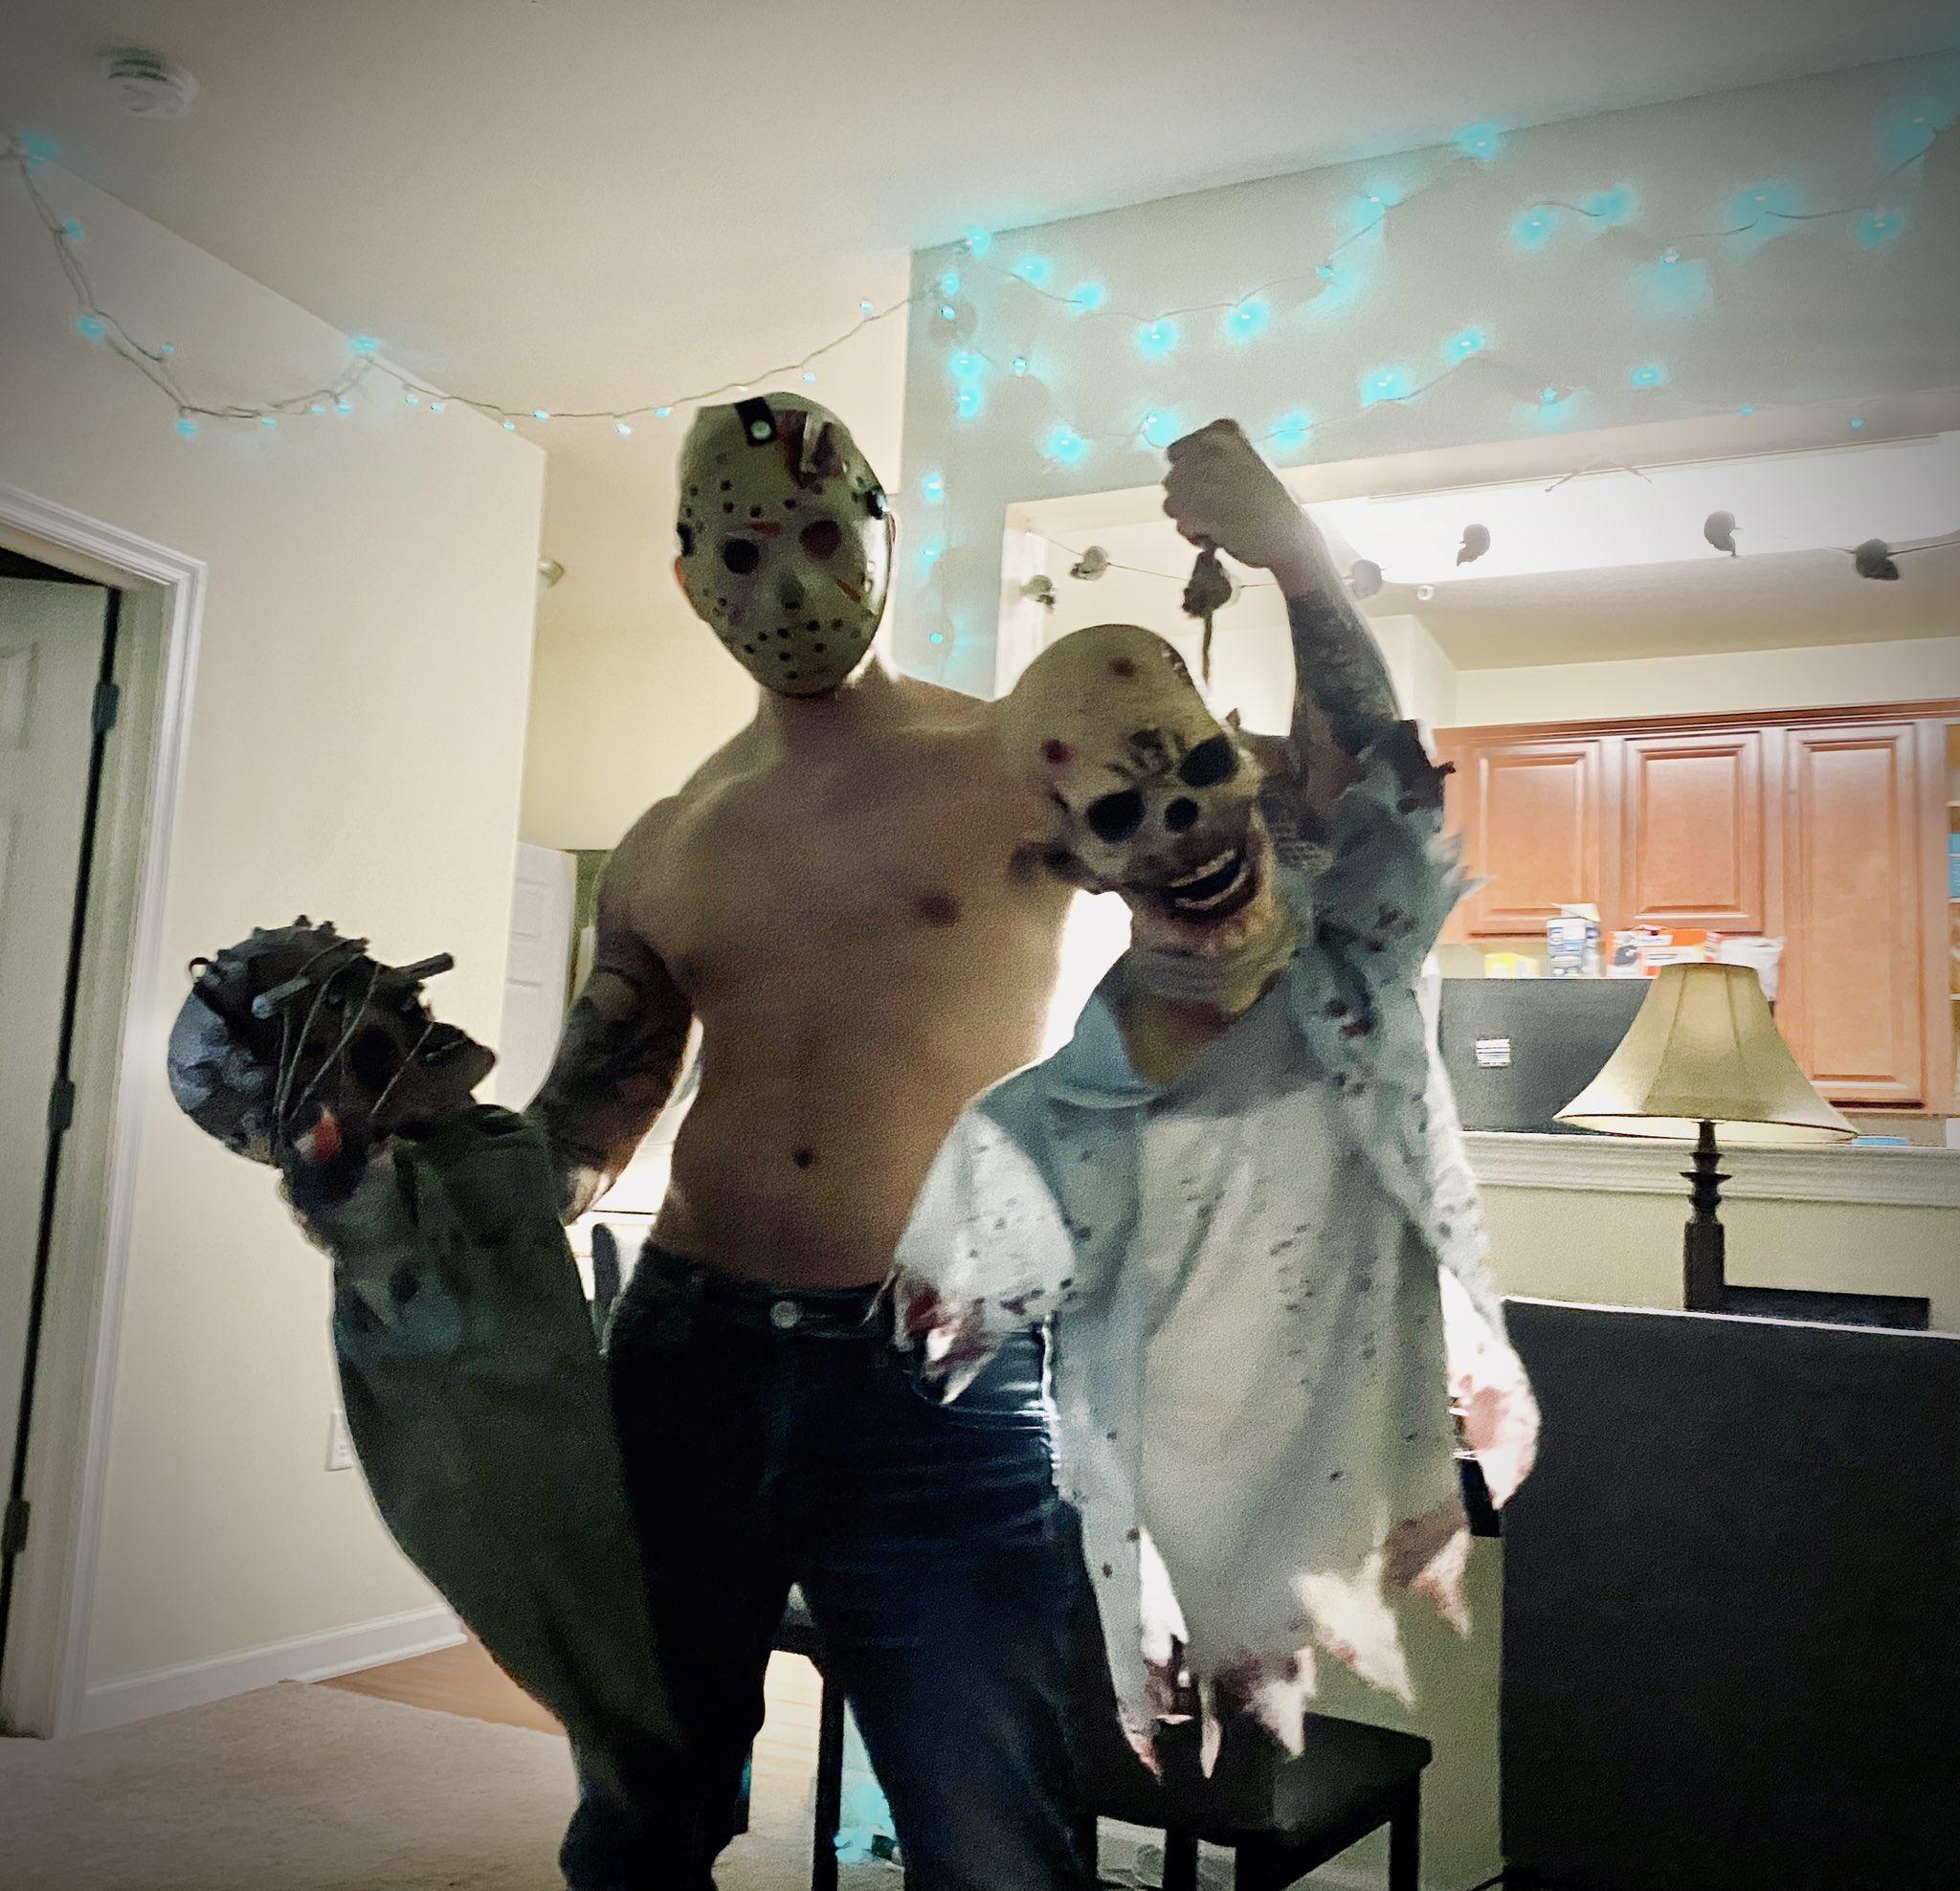 Steve Rickz actores porno disfraces halloween